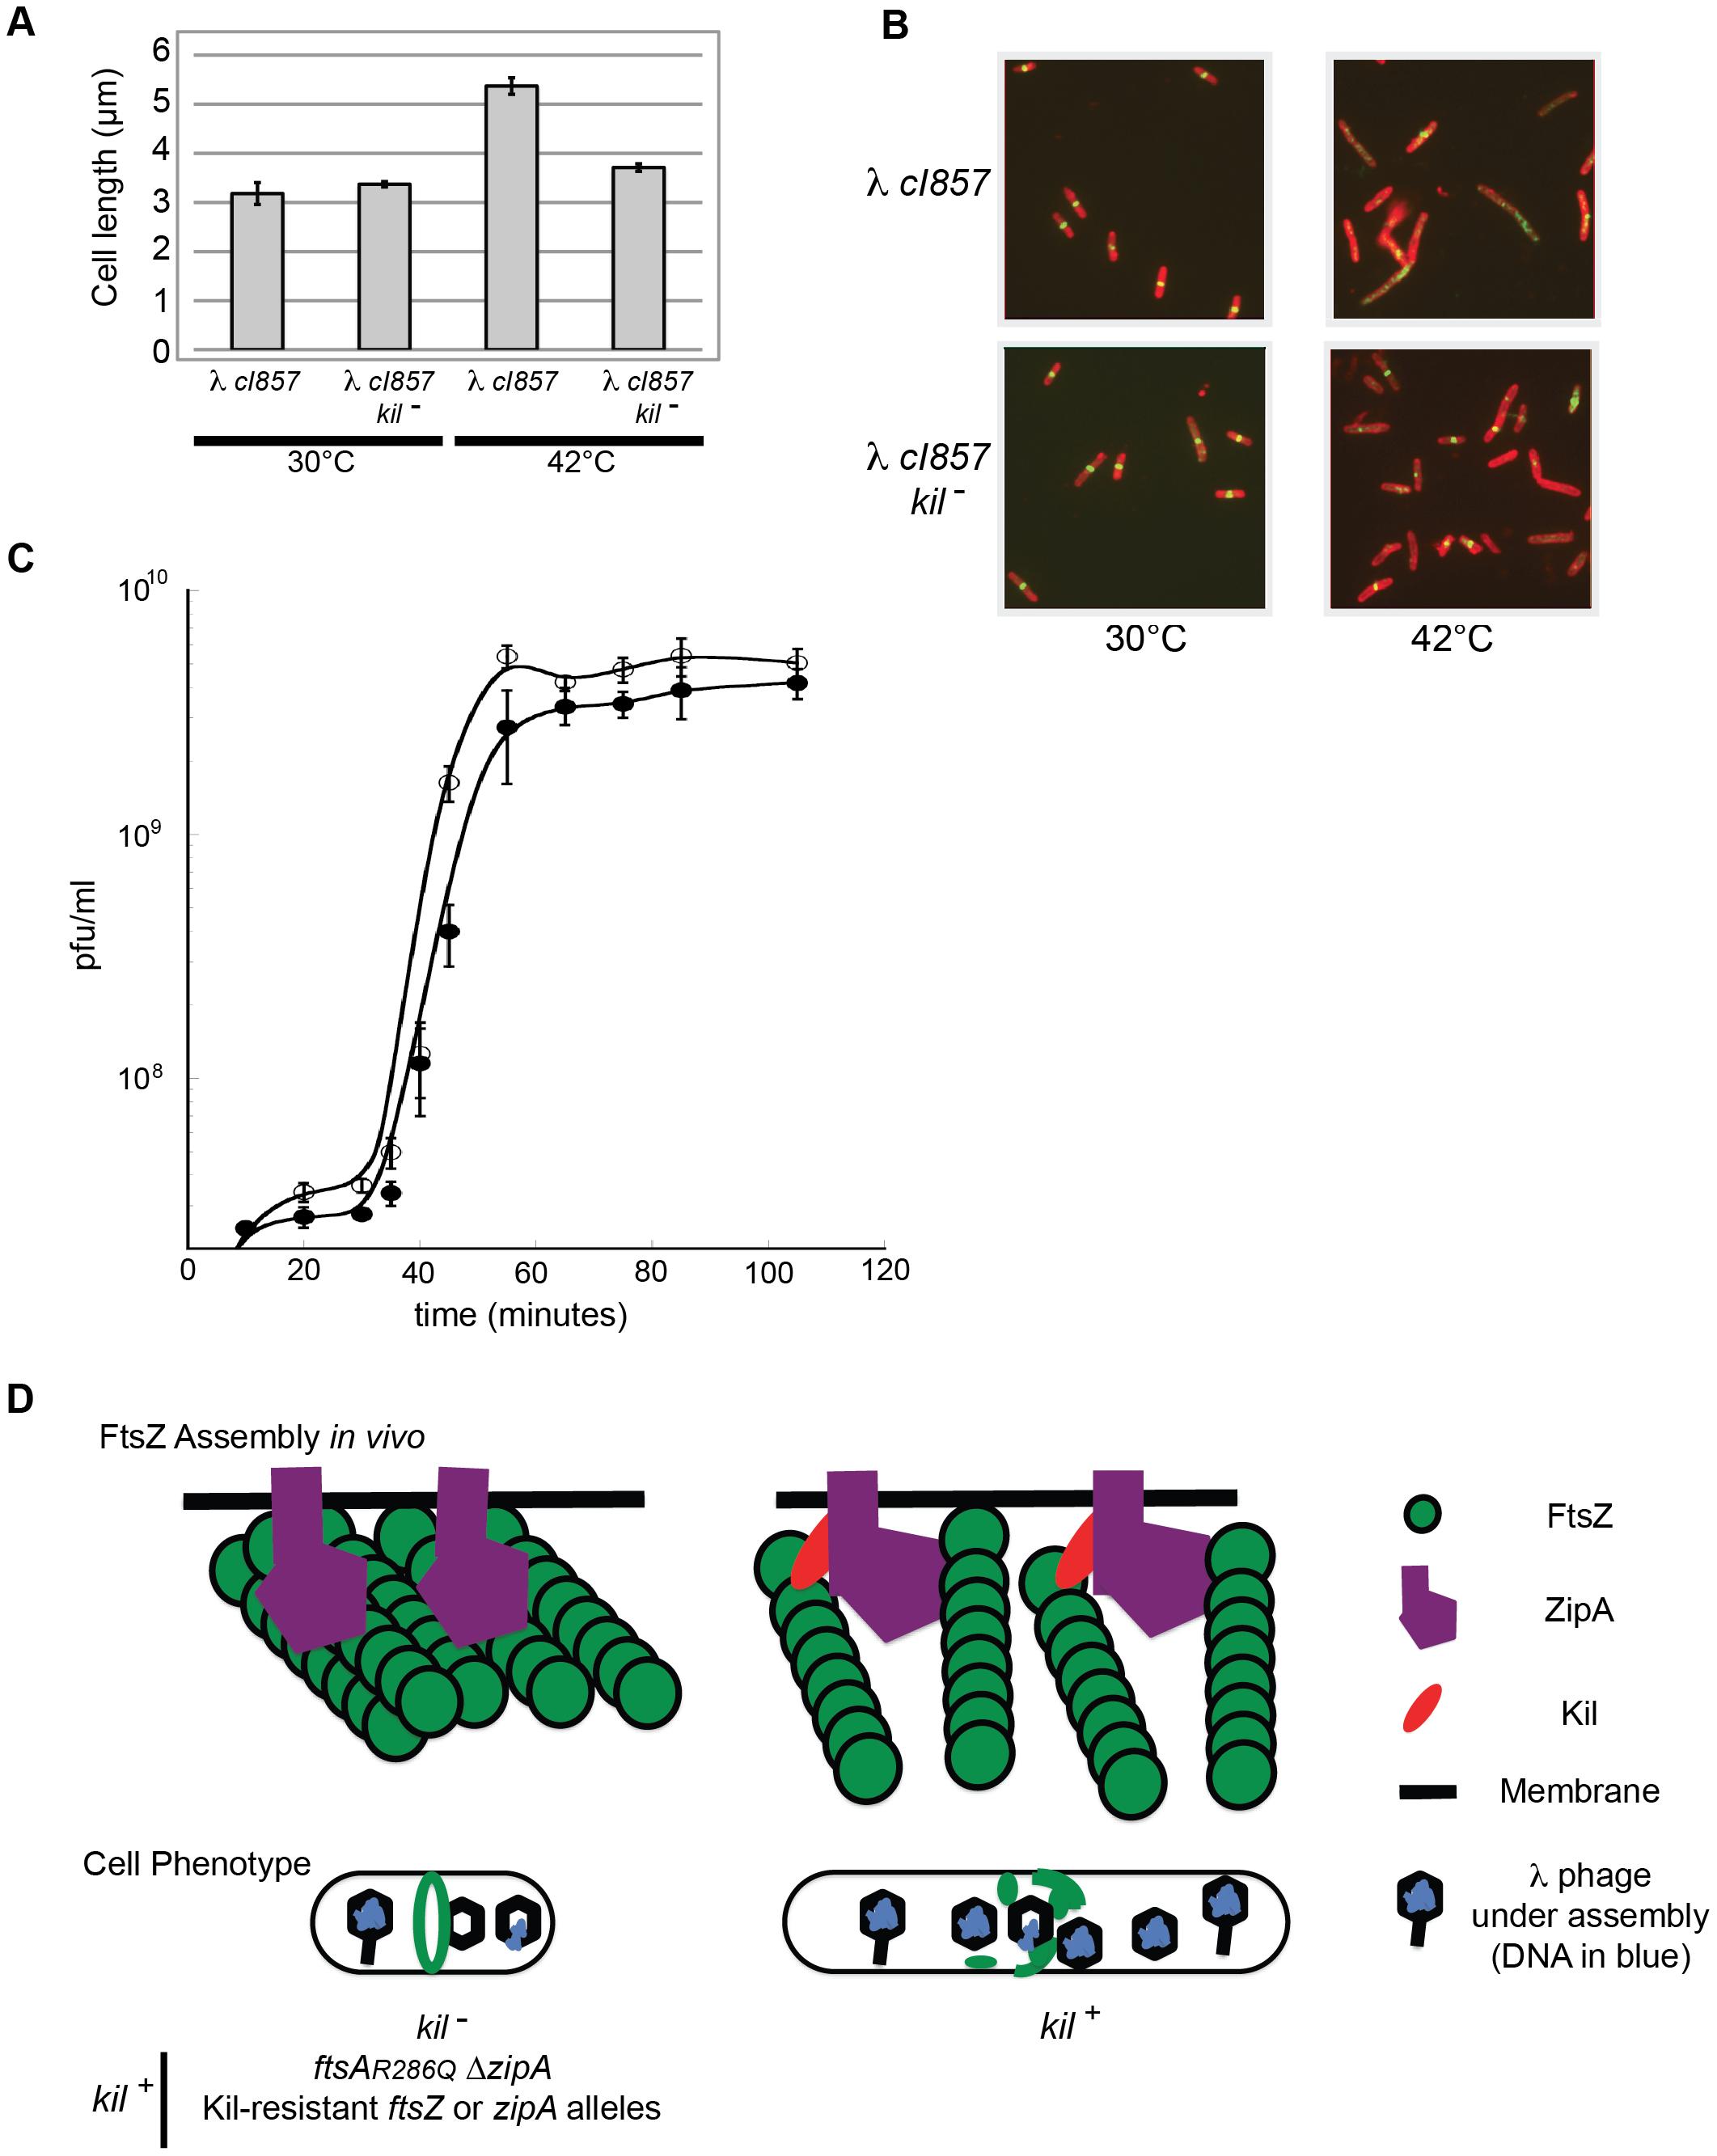 λ lysogen induction inhibits host cell division in a <i>kil</i>-dependent manner.